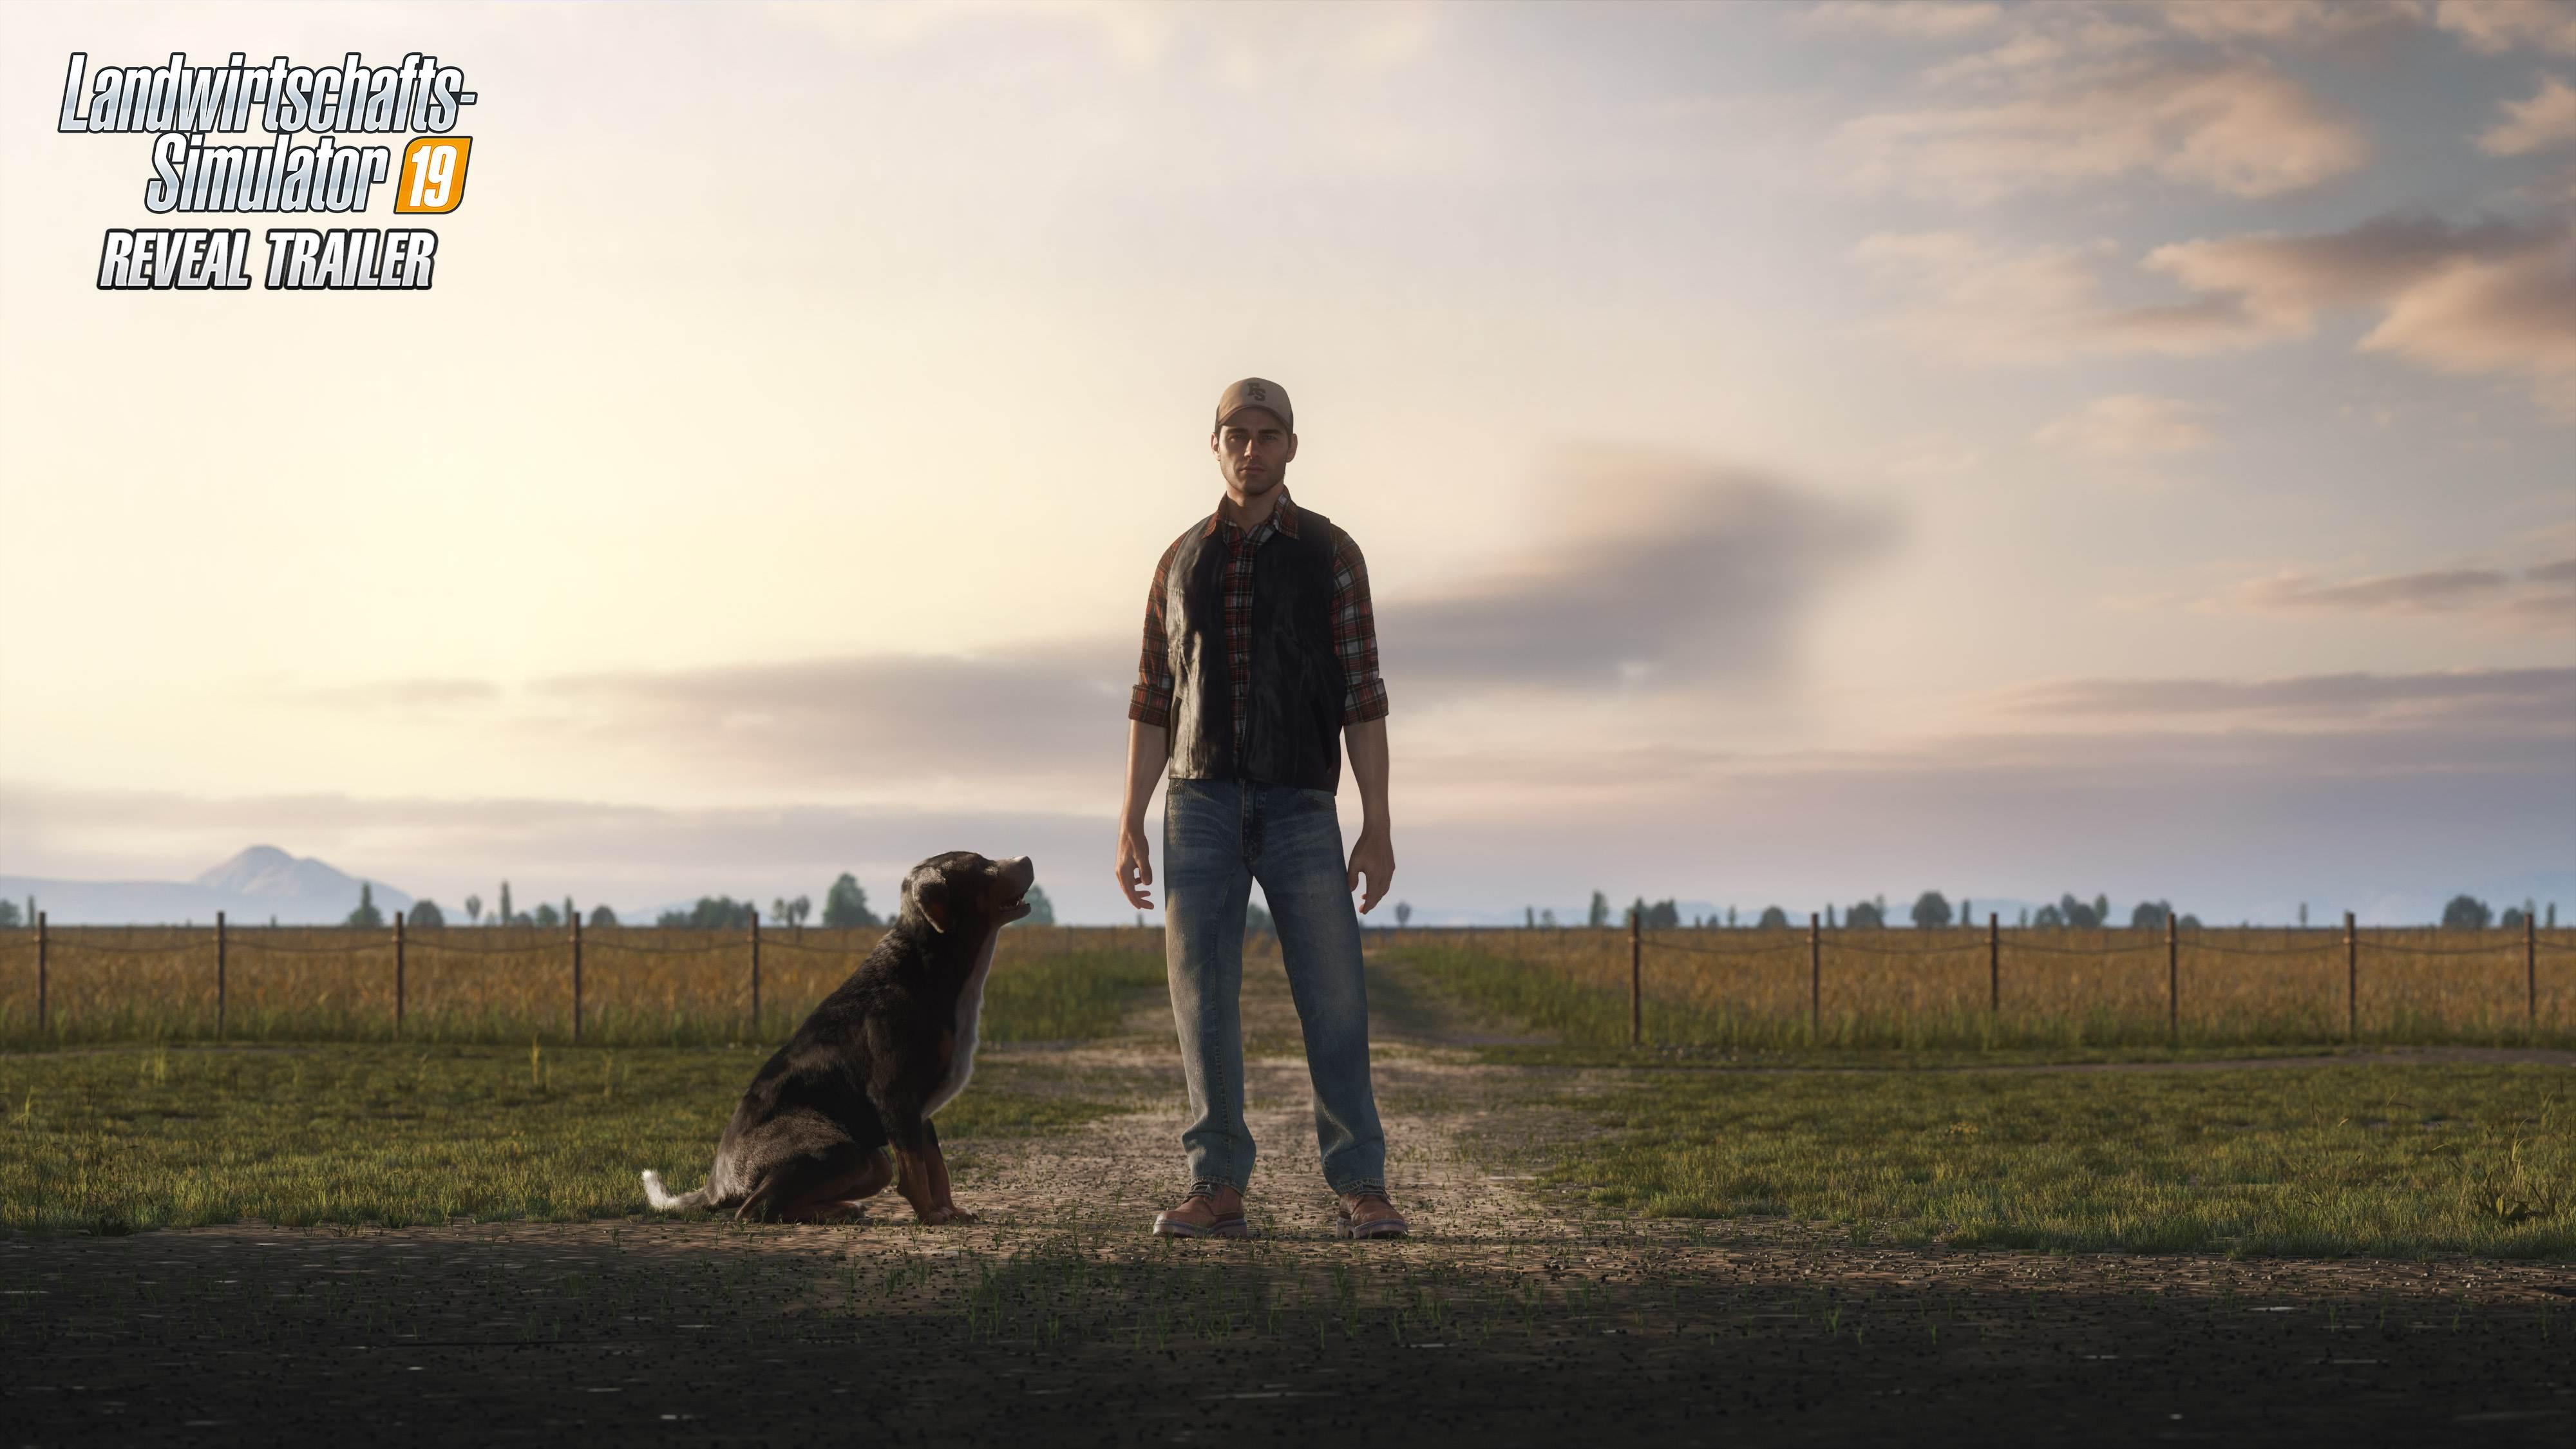 Landwirtschafts-Simulator 19 - Offizieller CGI-Reveal-Trailer